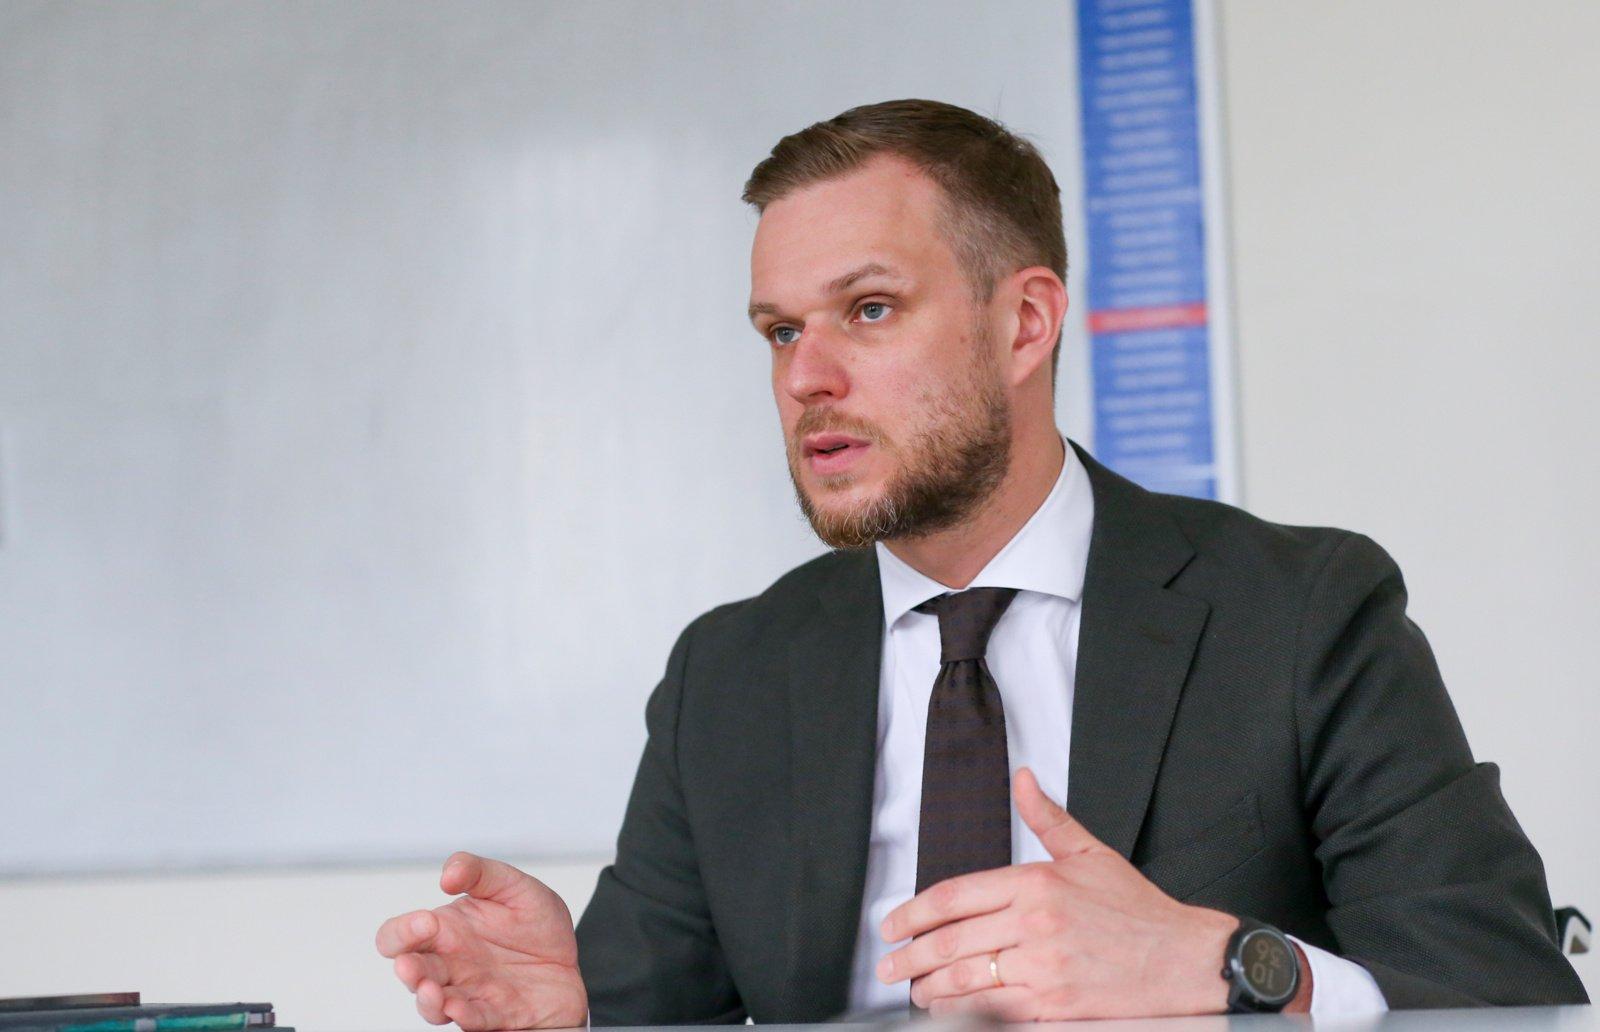 Prezidentūra sureagavo į G. Landsbergio pareiškimą dėl A. Skaisgirytės